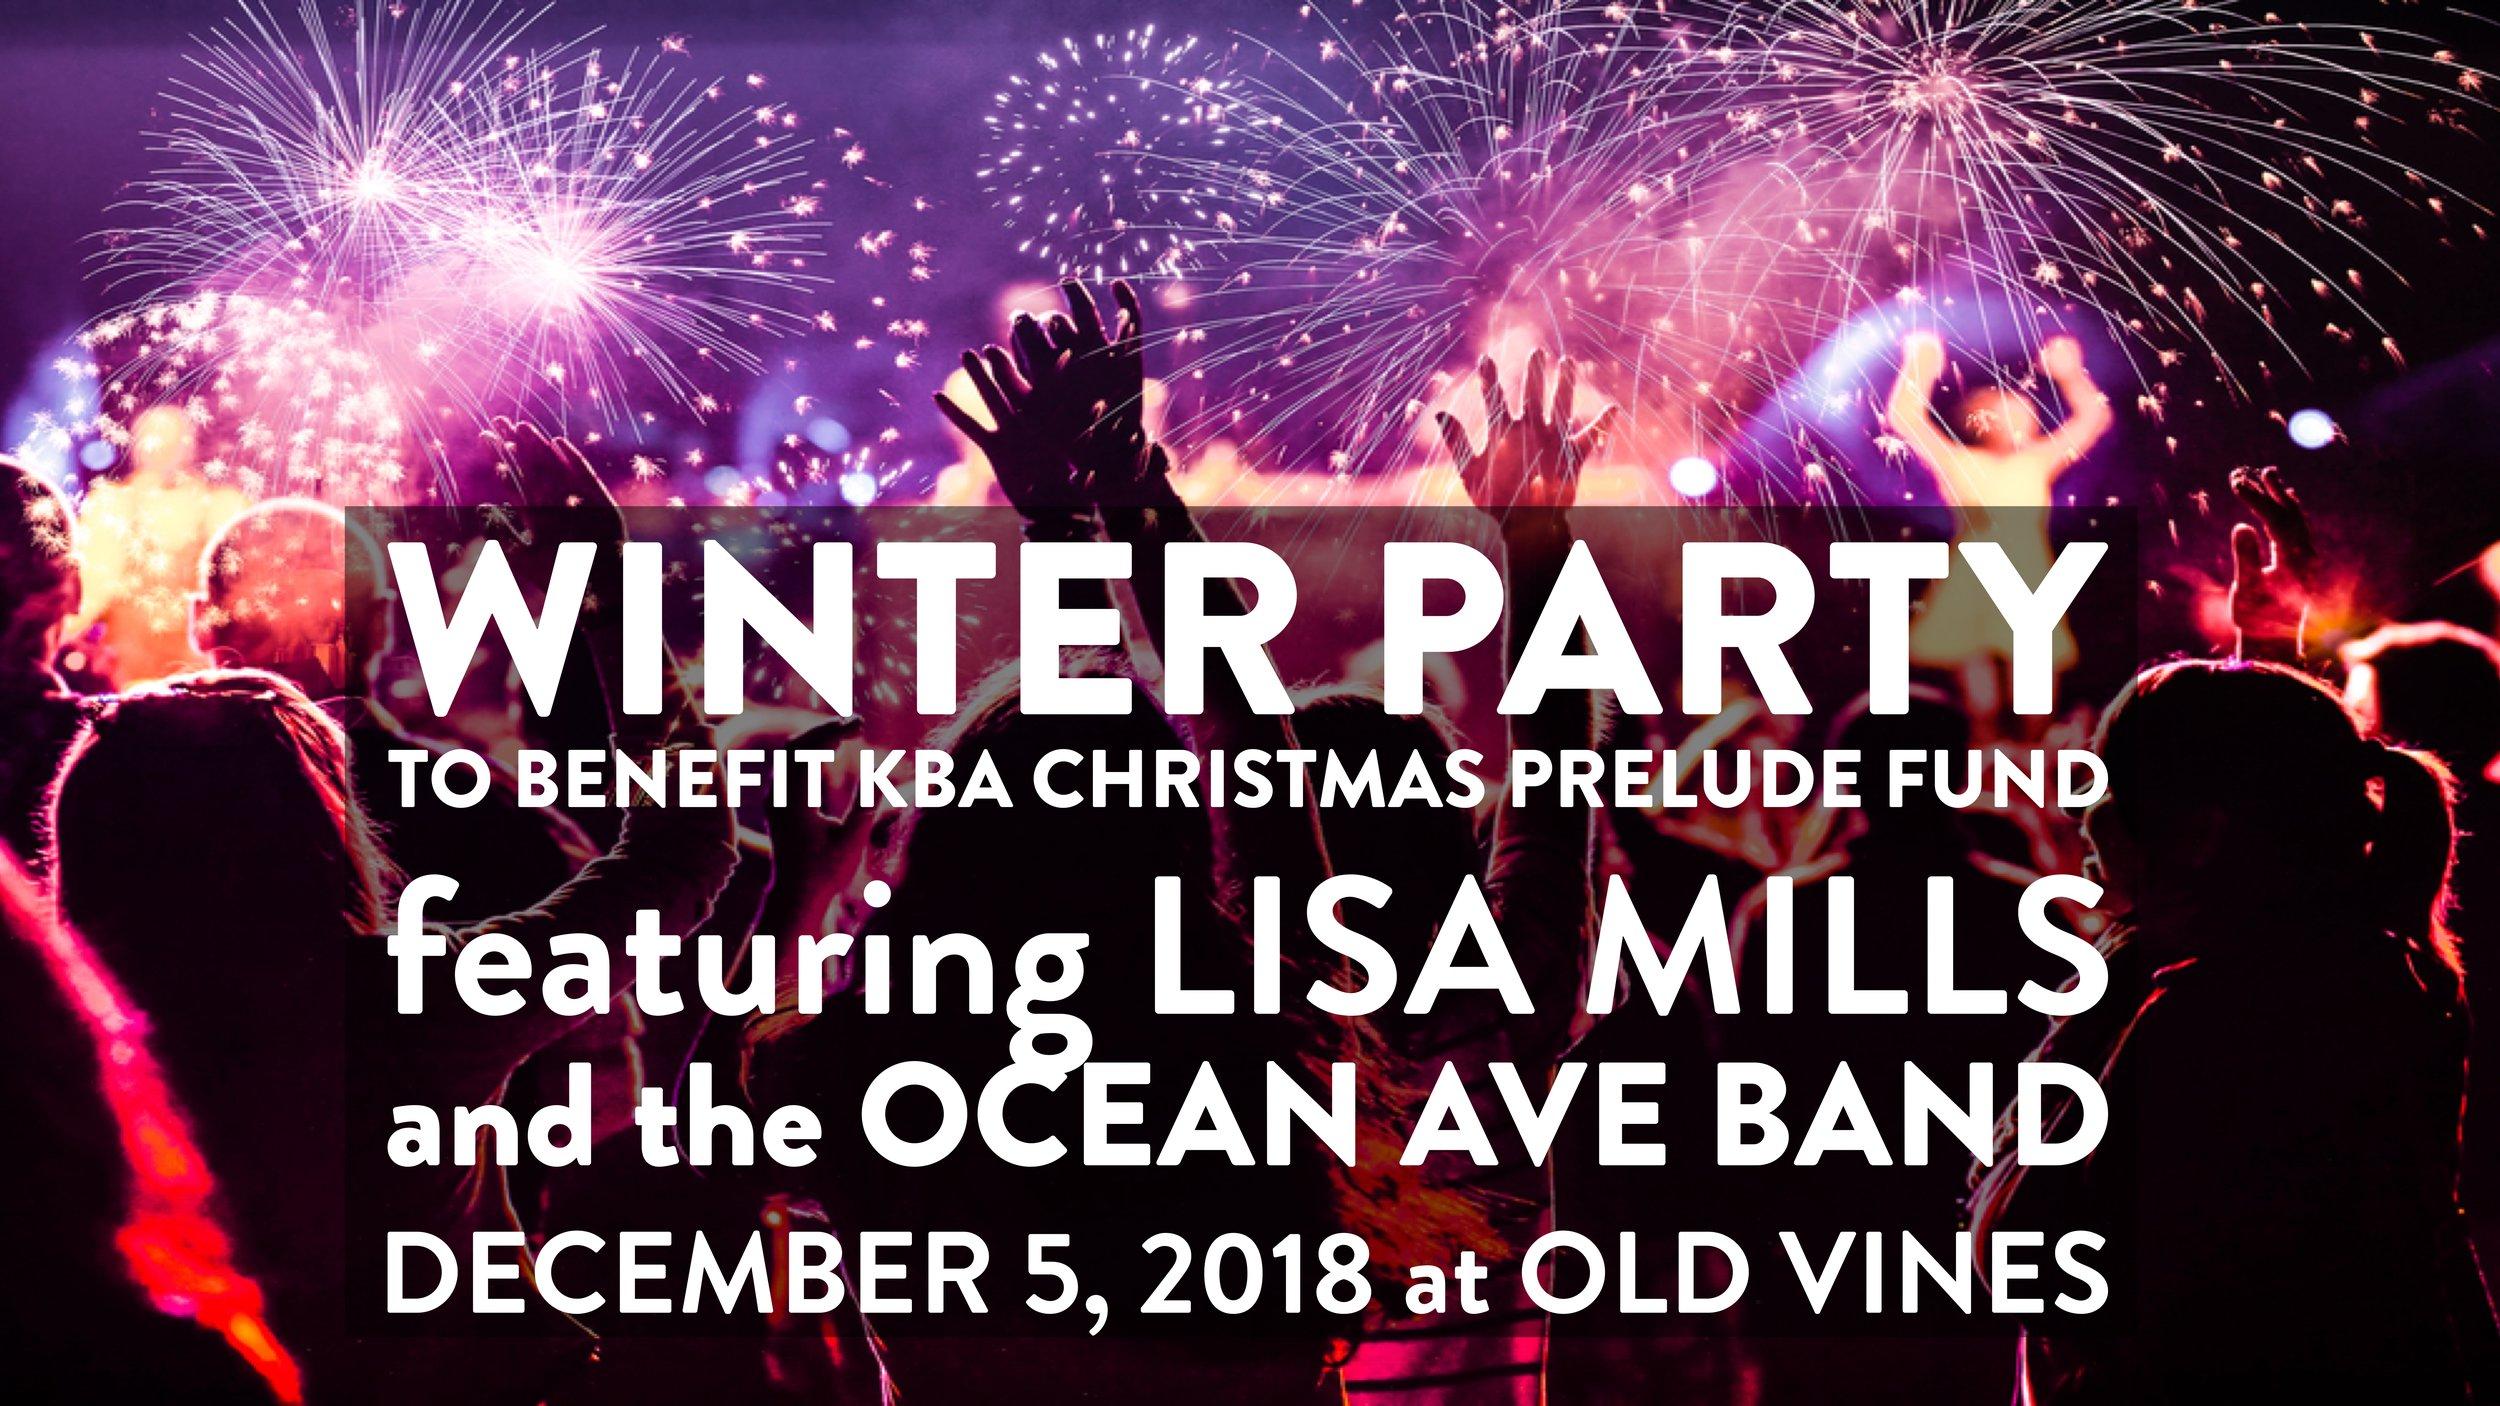 2018 winter party kba.jpg